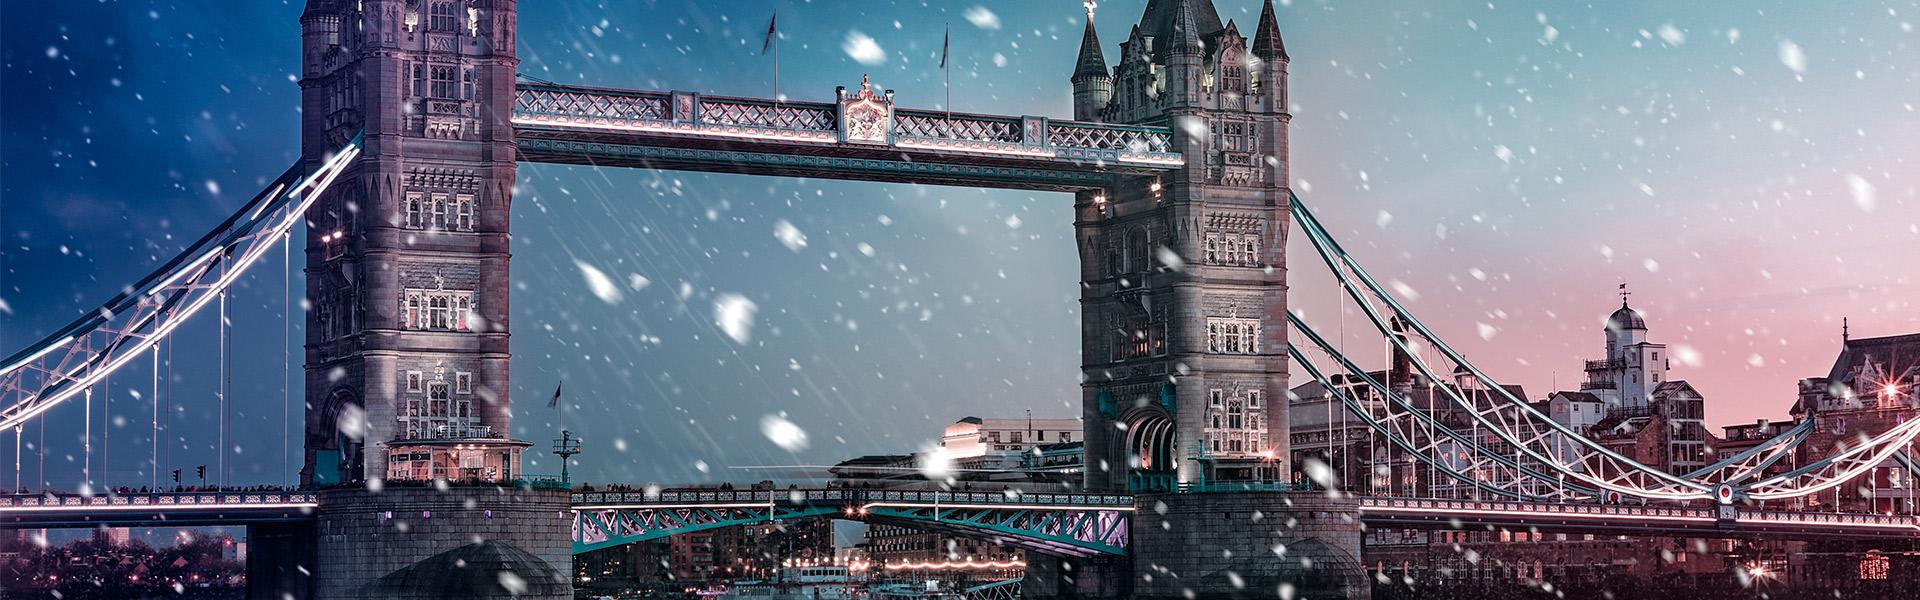 London skyline in winter